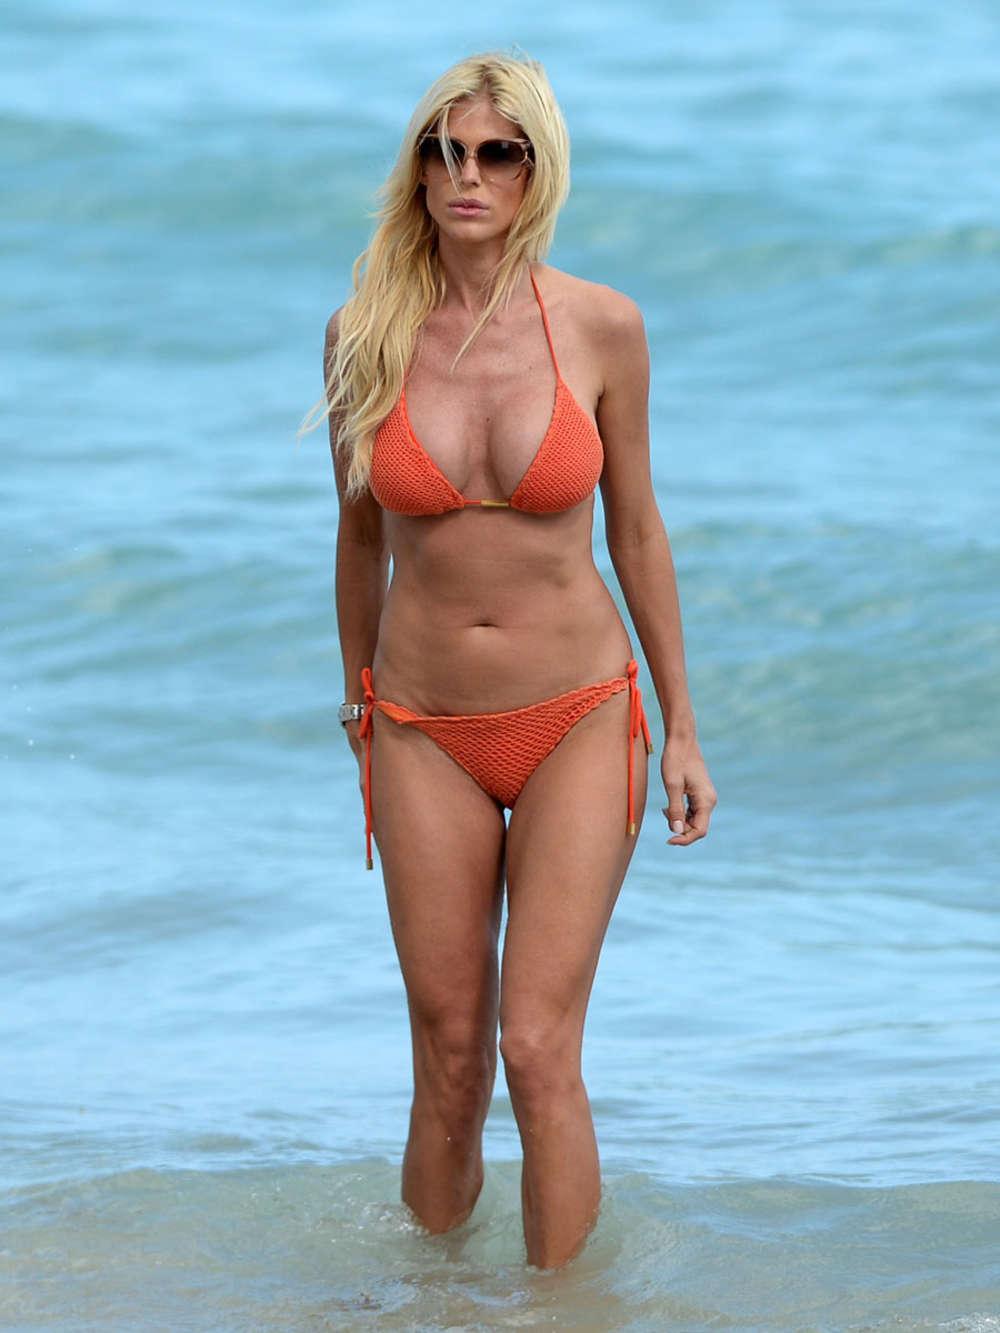 Victoria Silvstedt in Red Bikini in Miami Pic 4 of 35